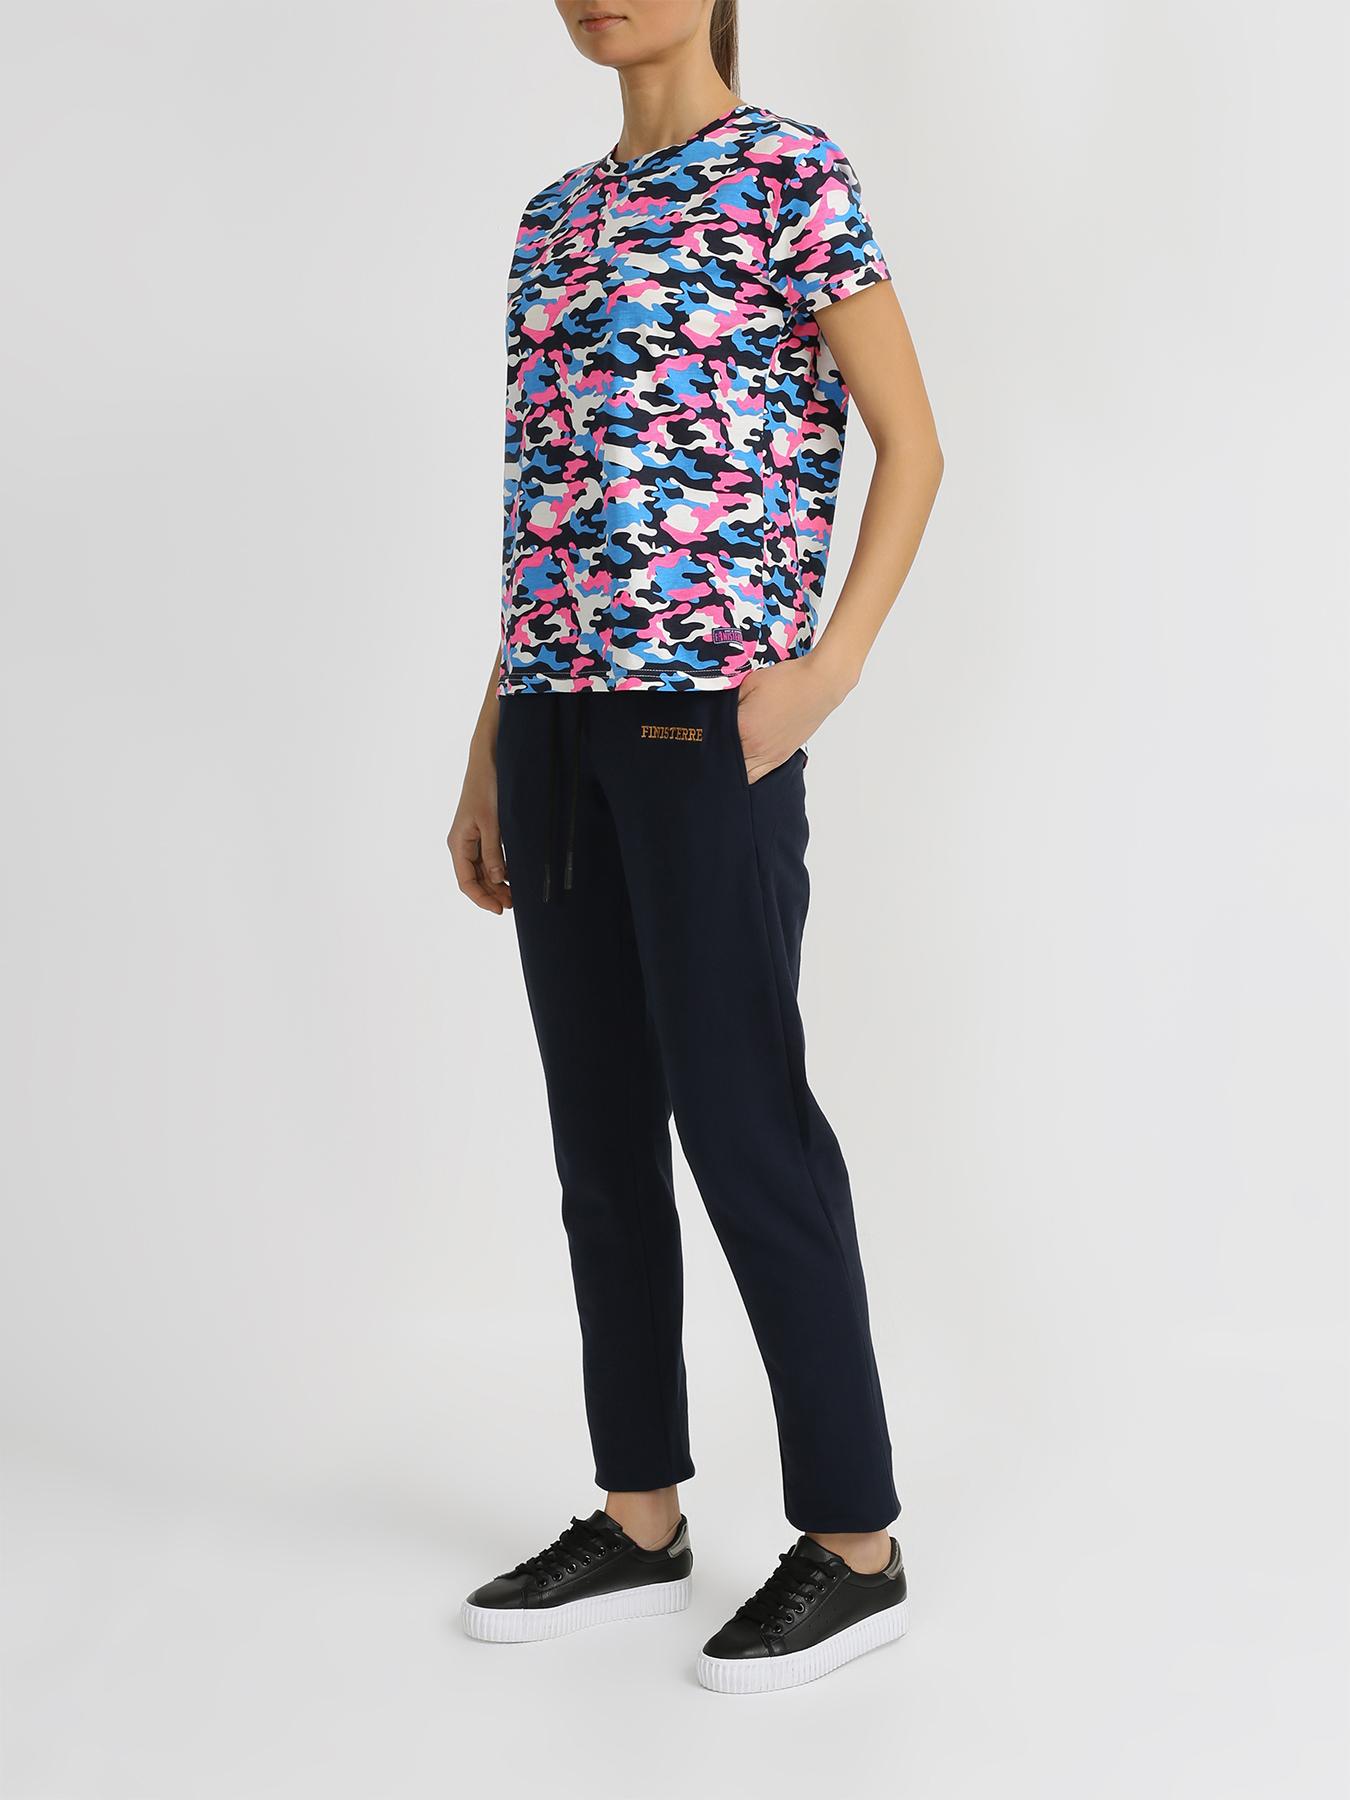 Джемпер Finisterre Хлопковая футболка brioni хлопковая футболка